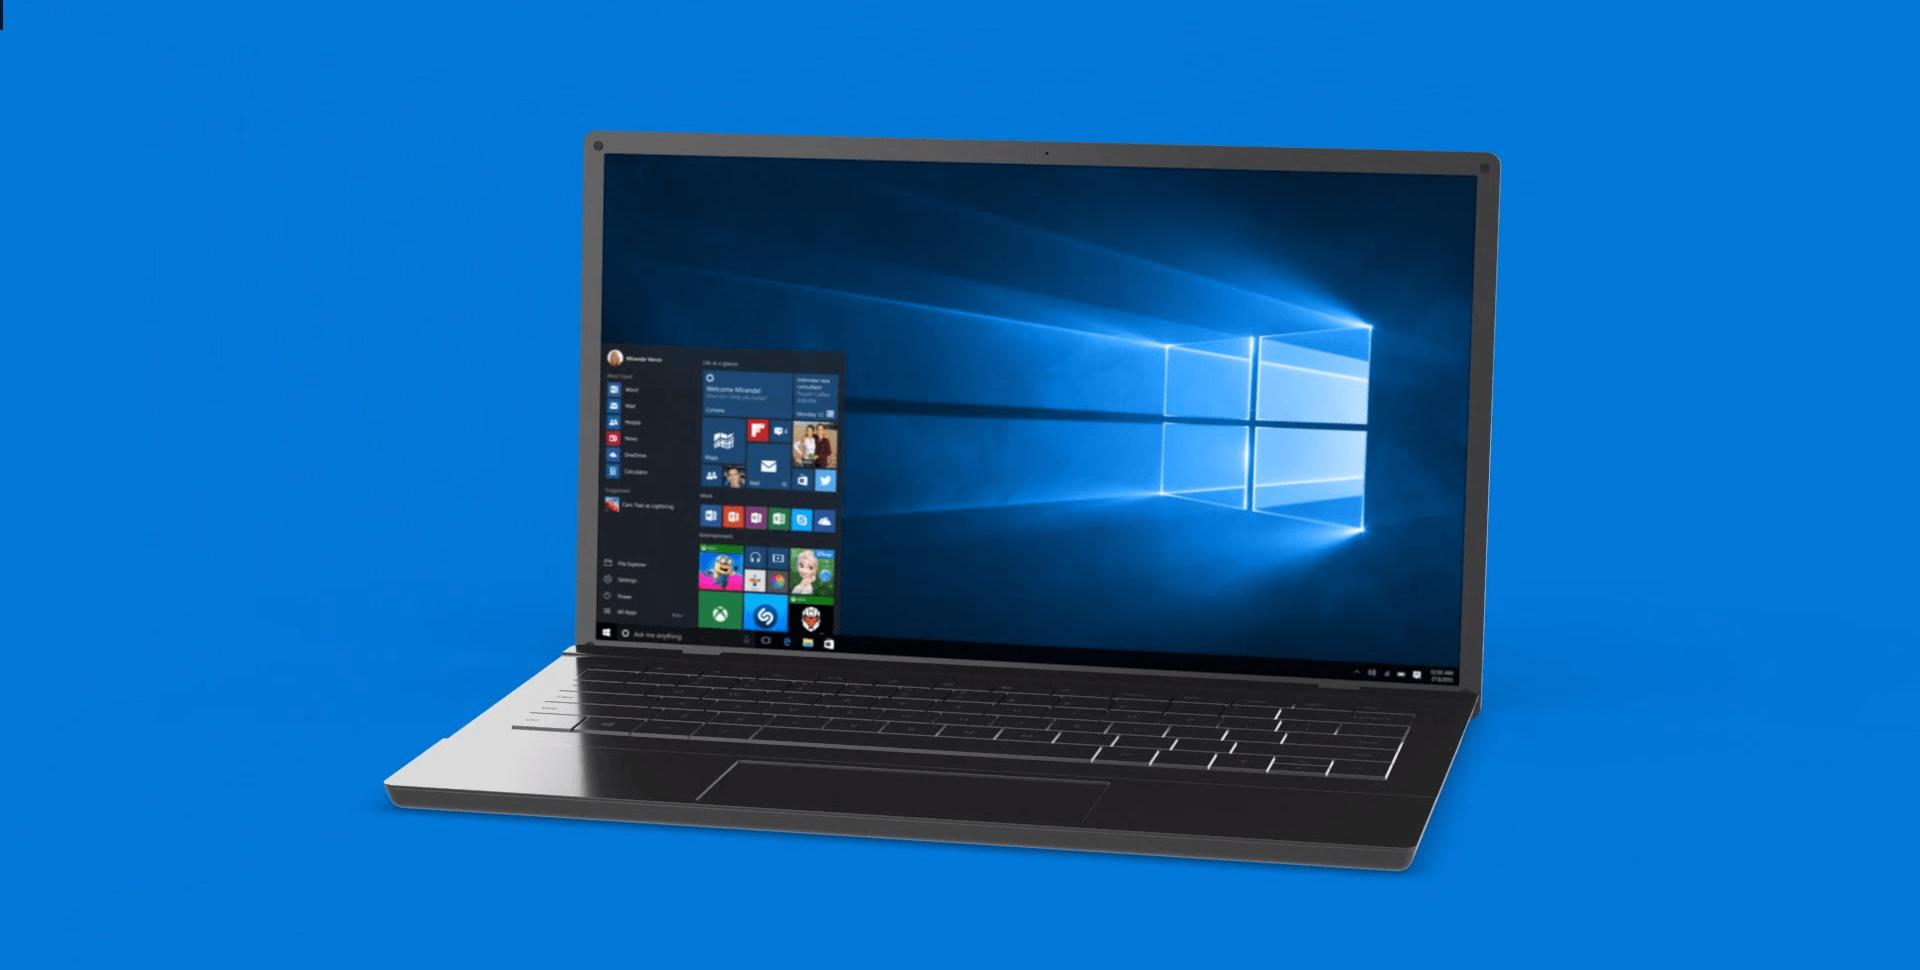 ОС Windows на ноутбуке